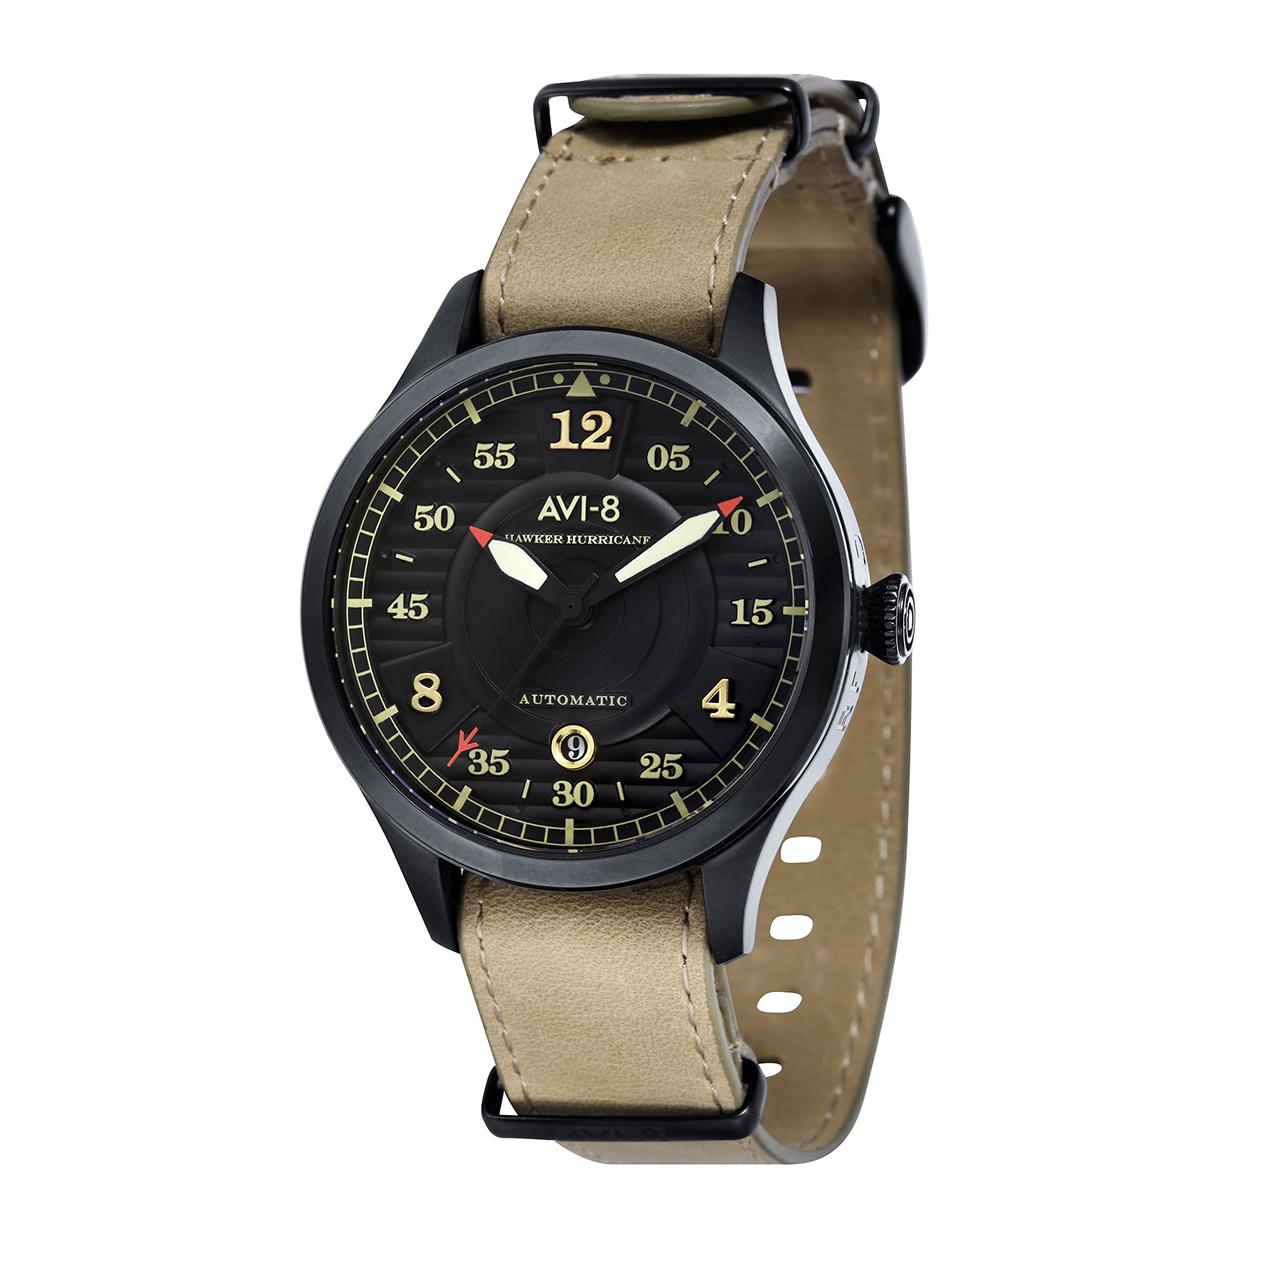 ساعت مچی عقربه ای مردانه ای وی-8 مدل AV-4046-03 54